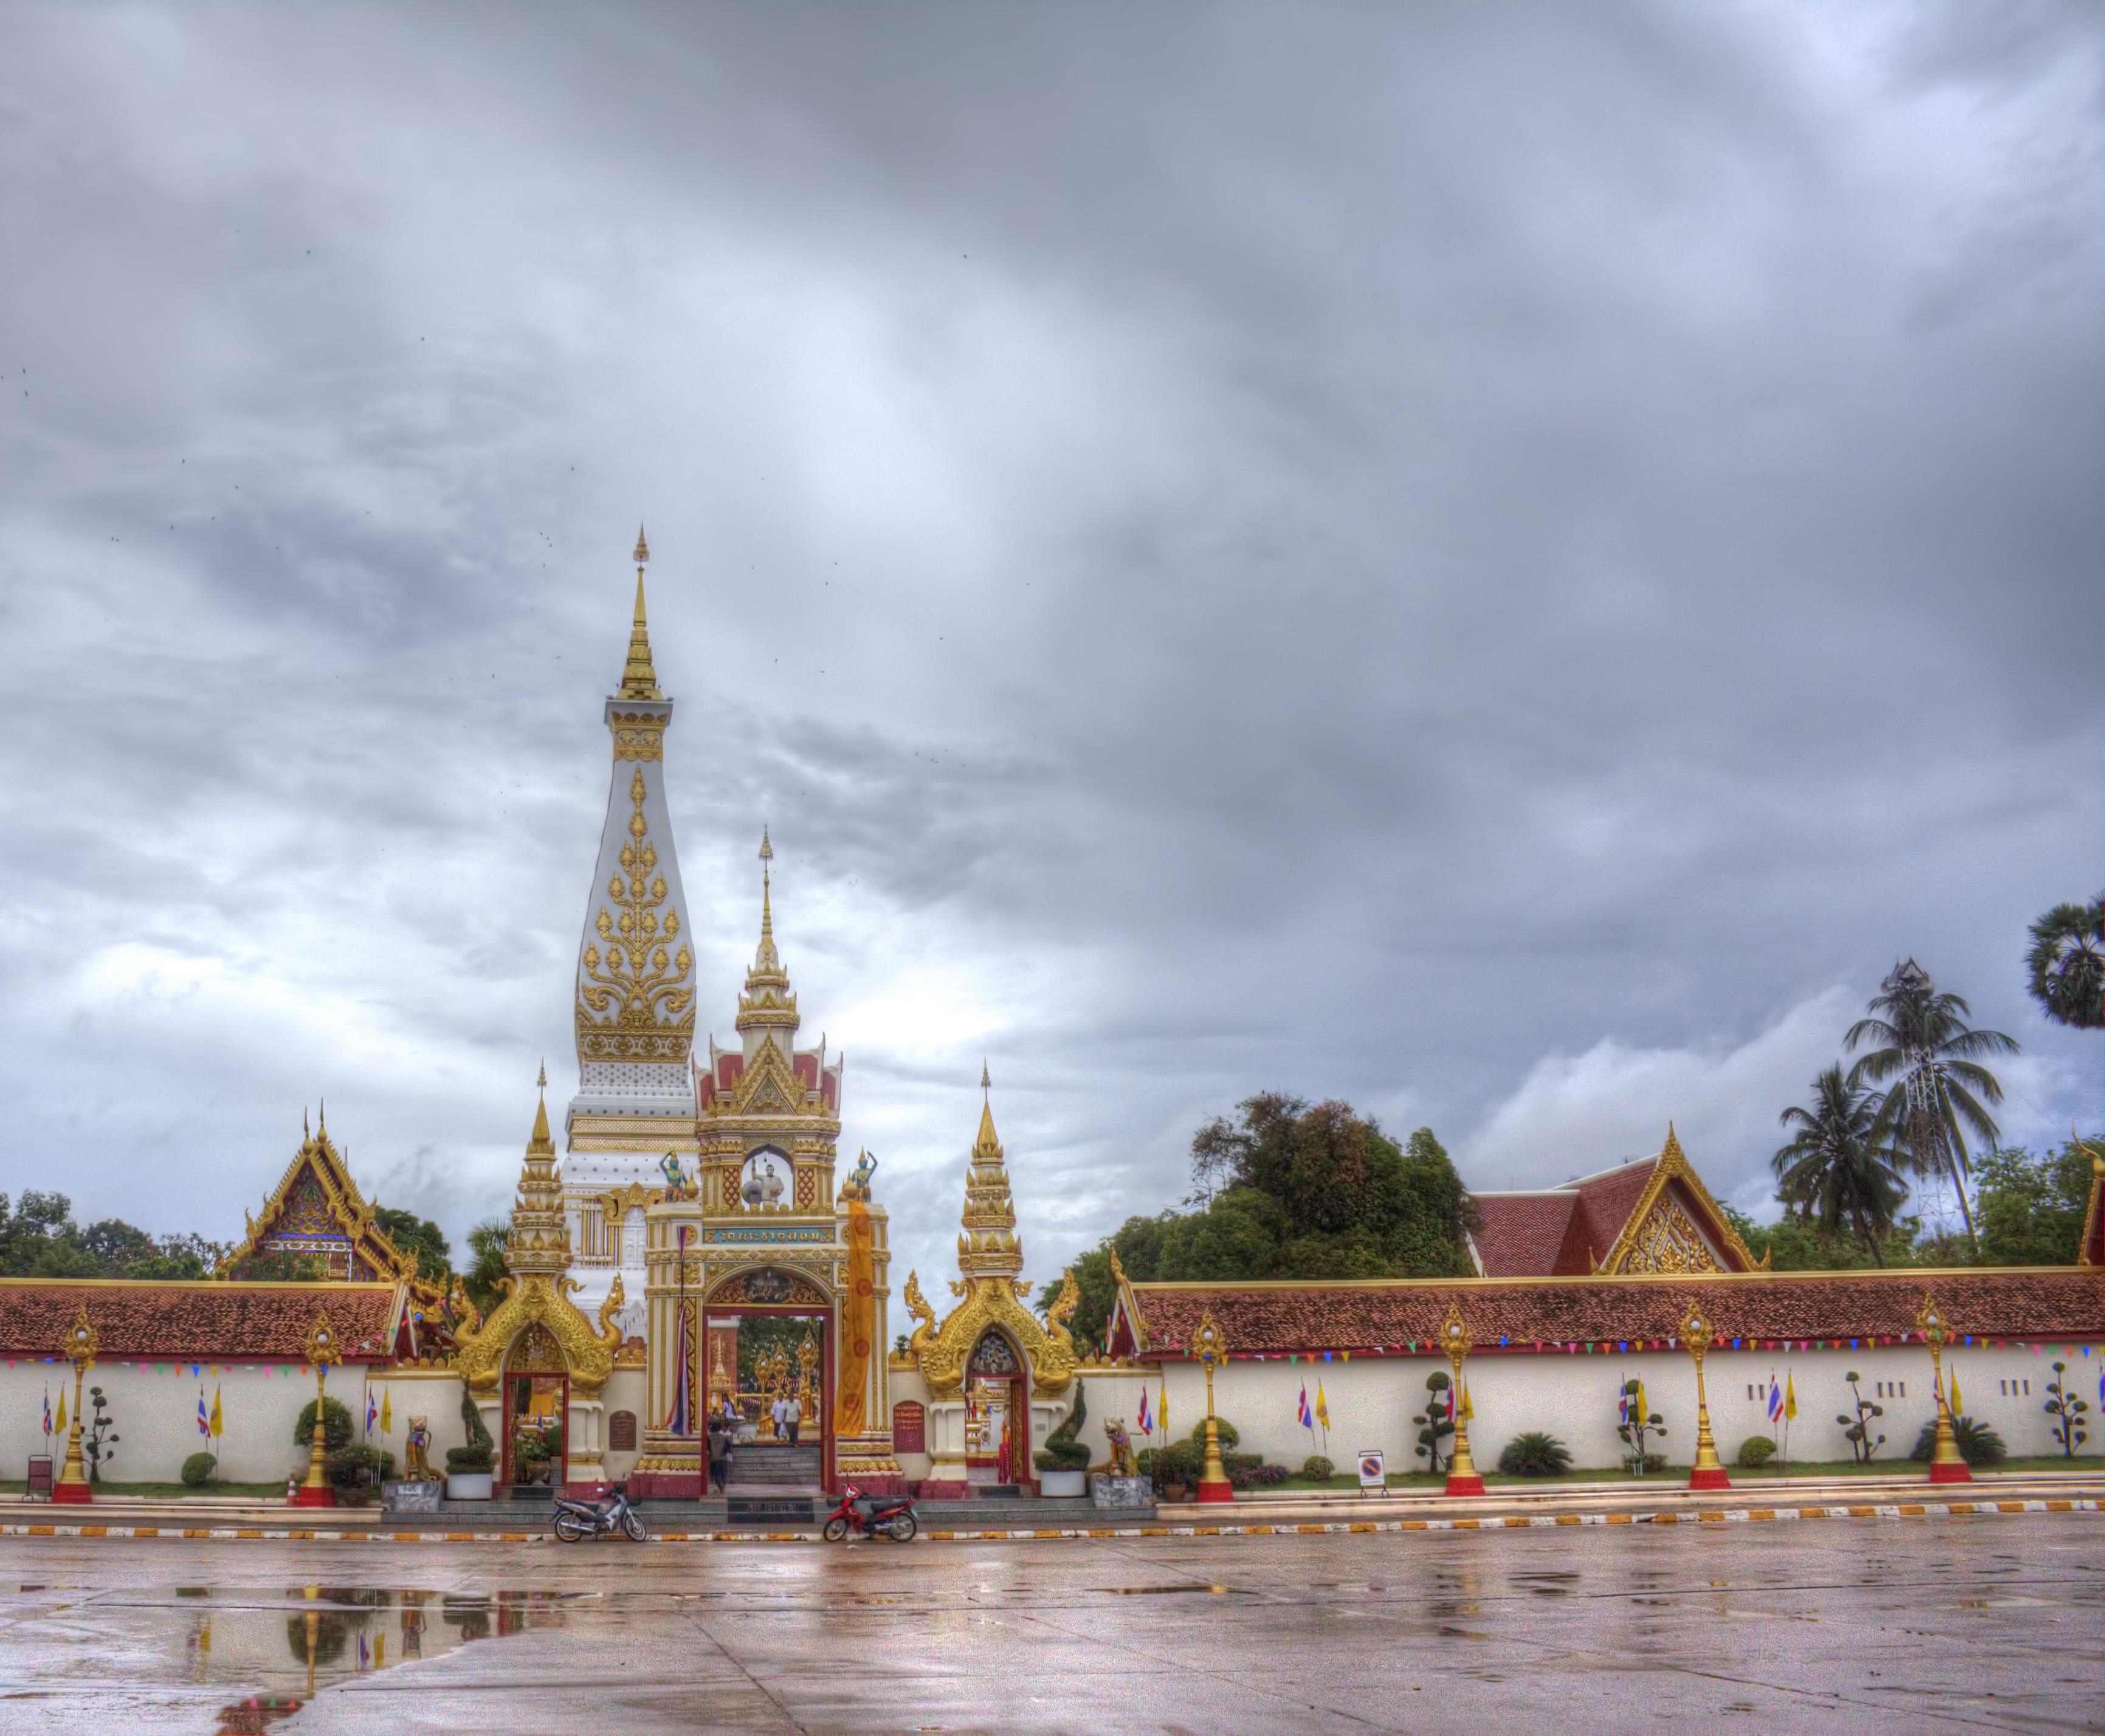 Wat Phra That Phanom | Wikimedia Commons